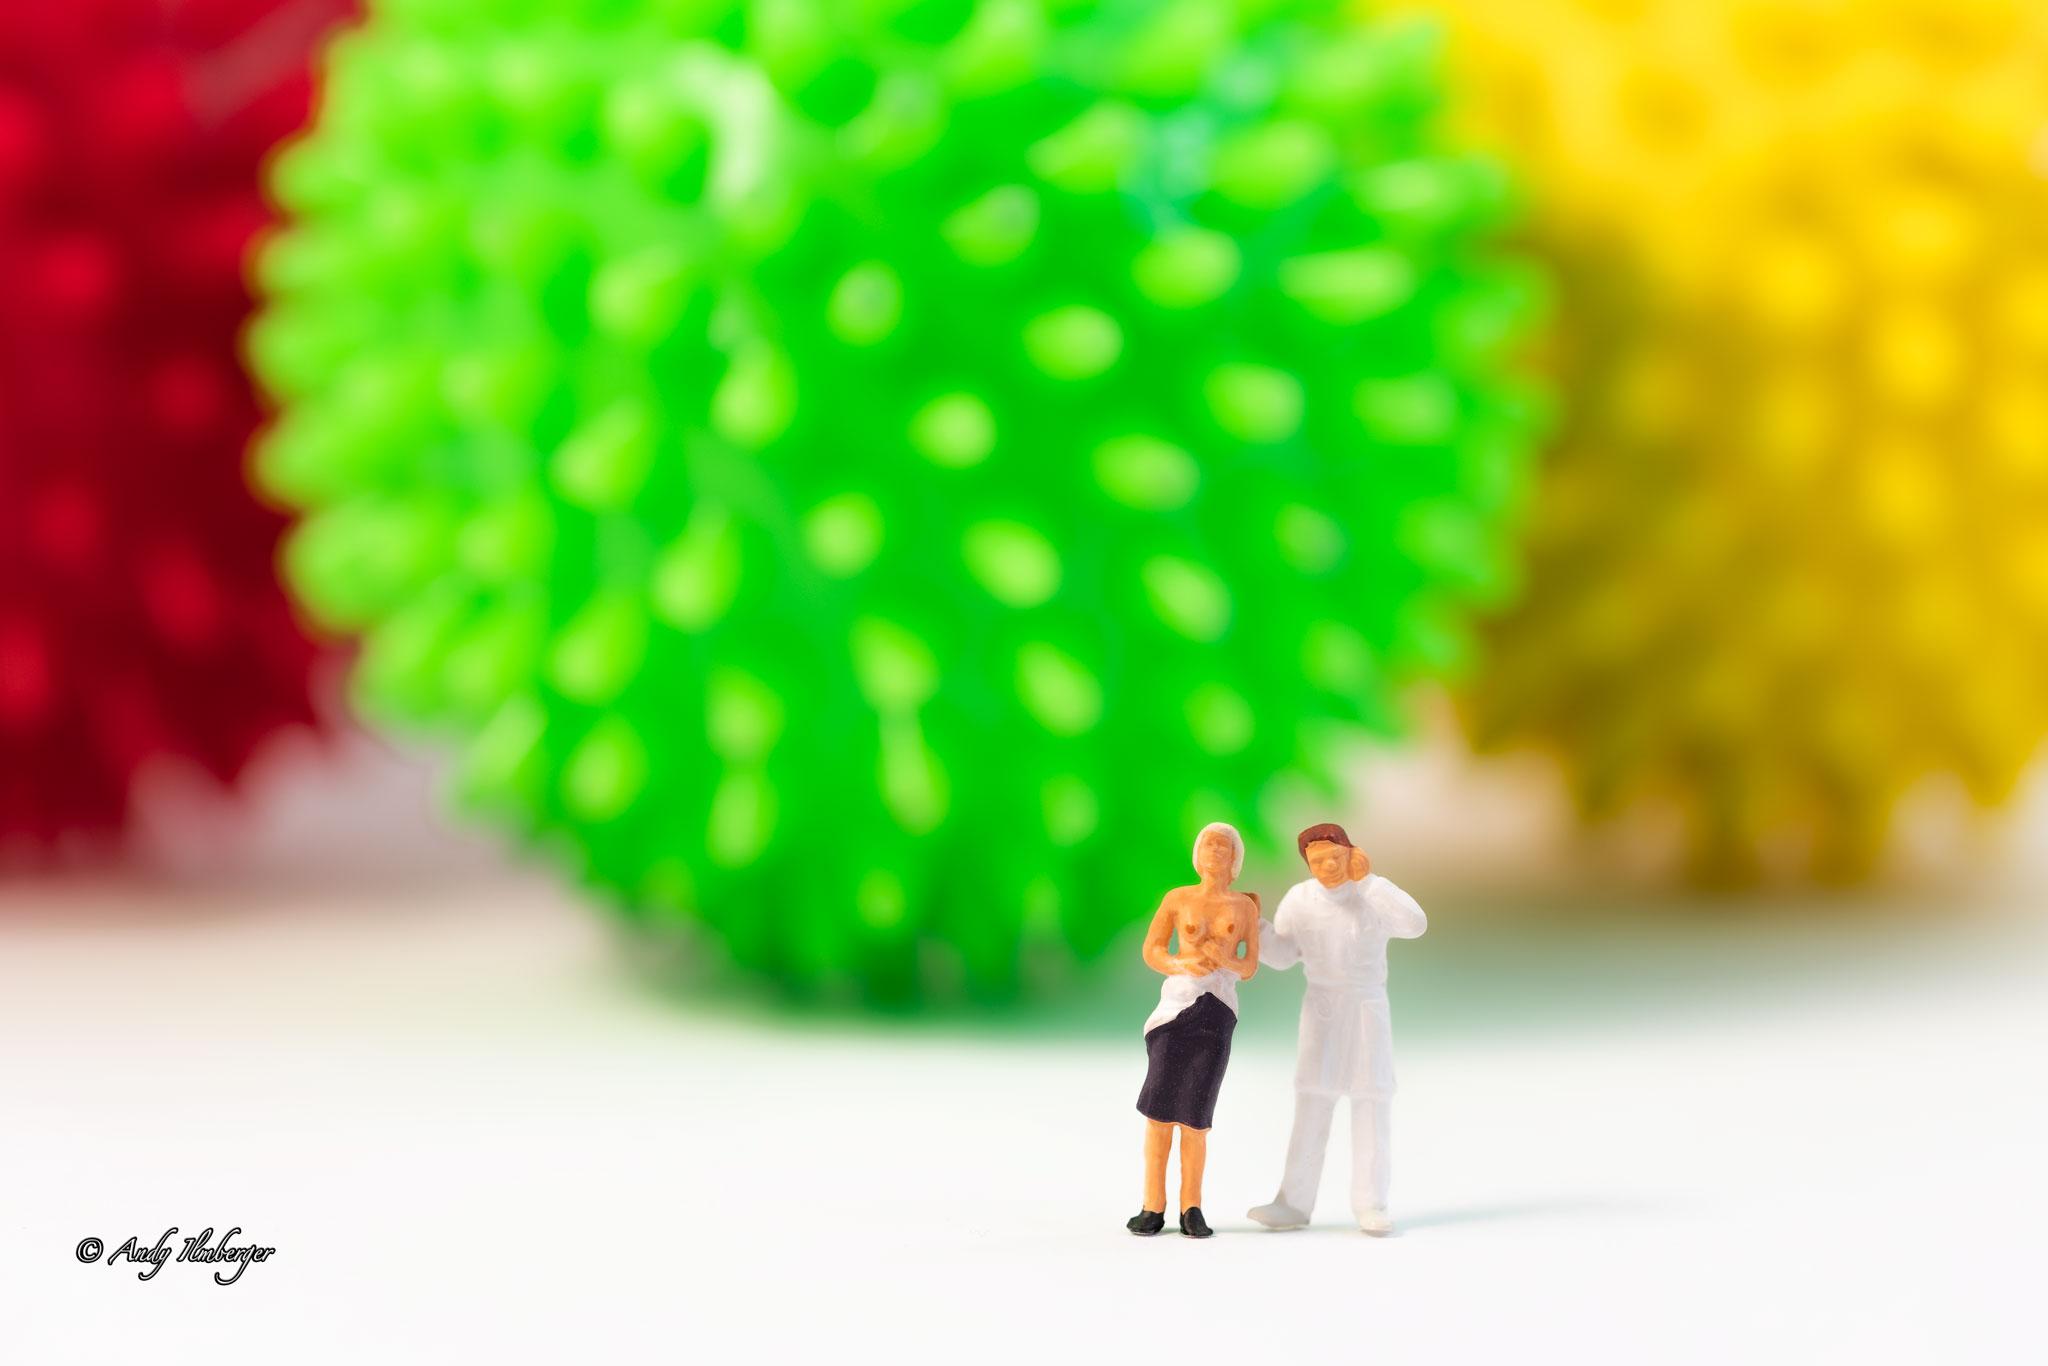 H0-Helden - Untersuchung Coronavirus - H0-Figuren in Szene gesetzt von © Andy Ilmberger im Kleine-Helden.Club